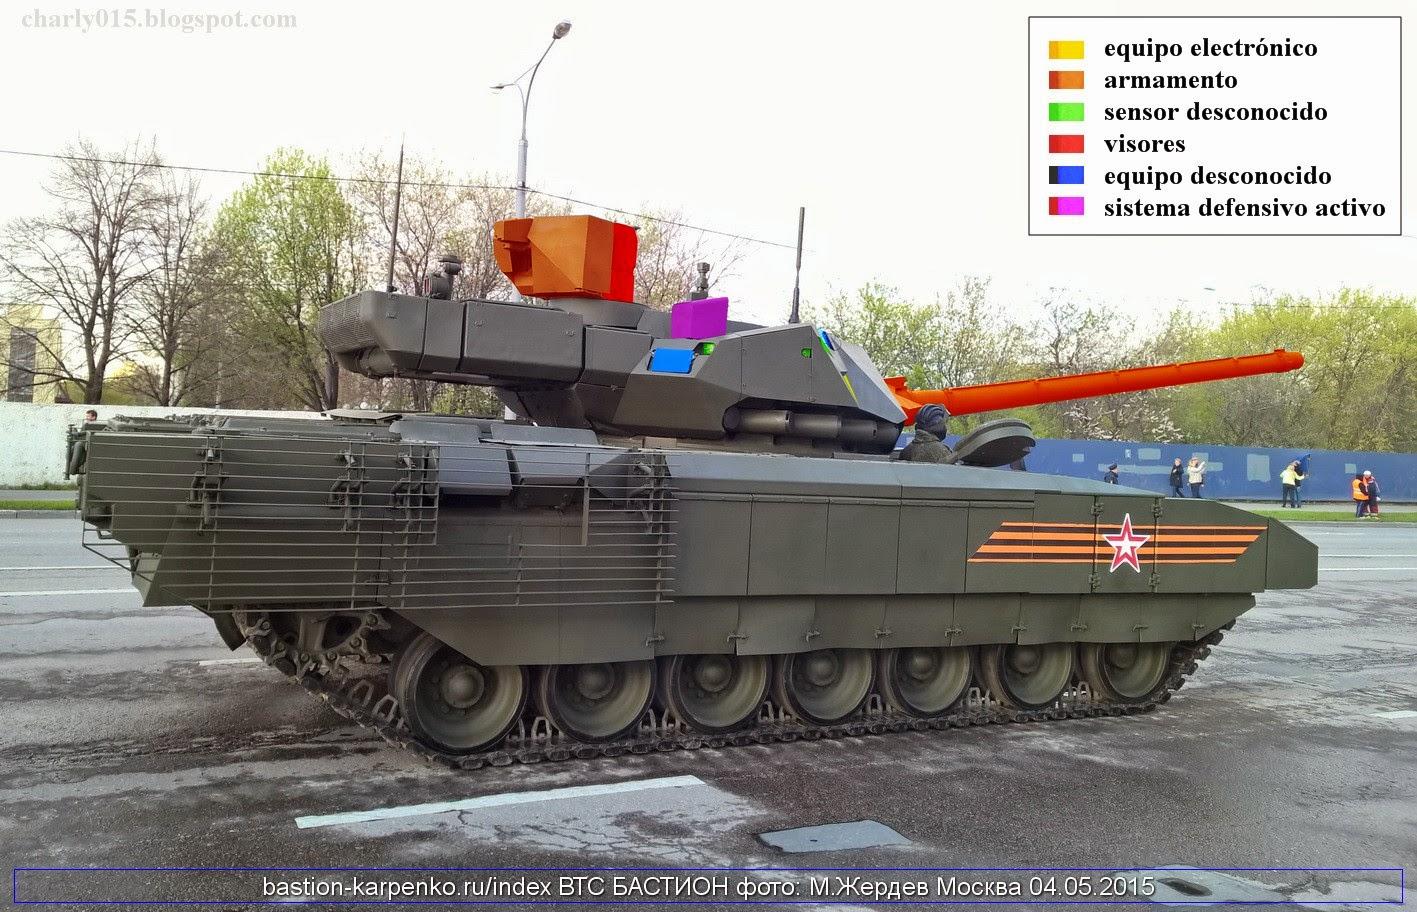 Rusia - Página 18 Armata%2Bequipos%2By%2Bsensores%2B3